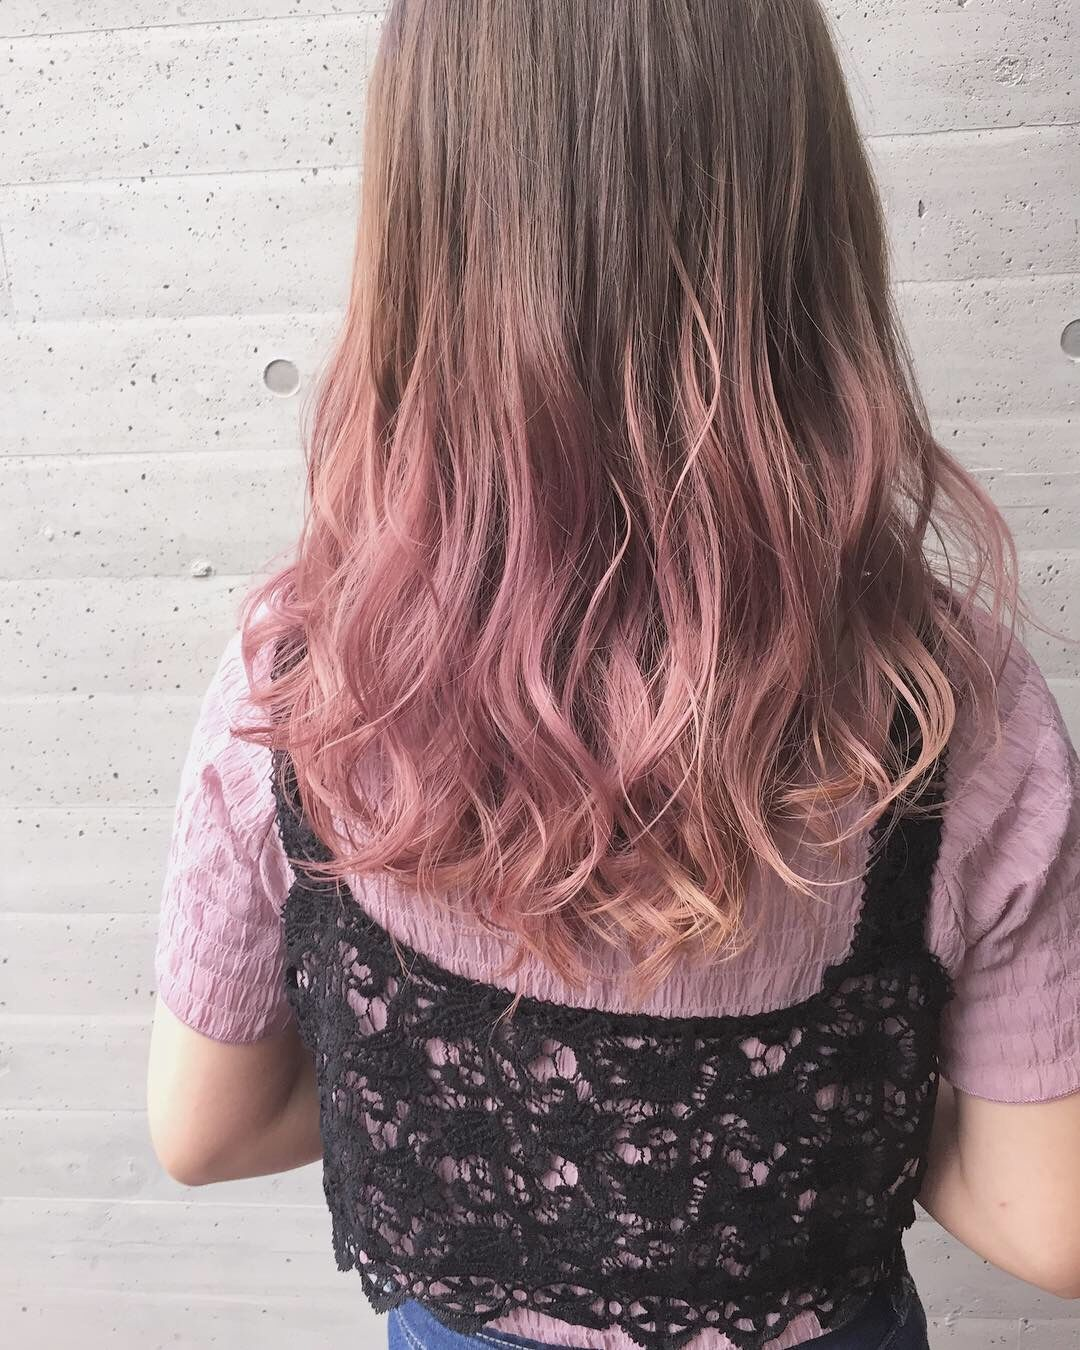 Hair おしゃれまとめの人気アイデア Pinterest 𝔪 𝔞 𝔯 𝔦 𝔞 𝔫